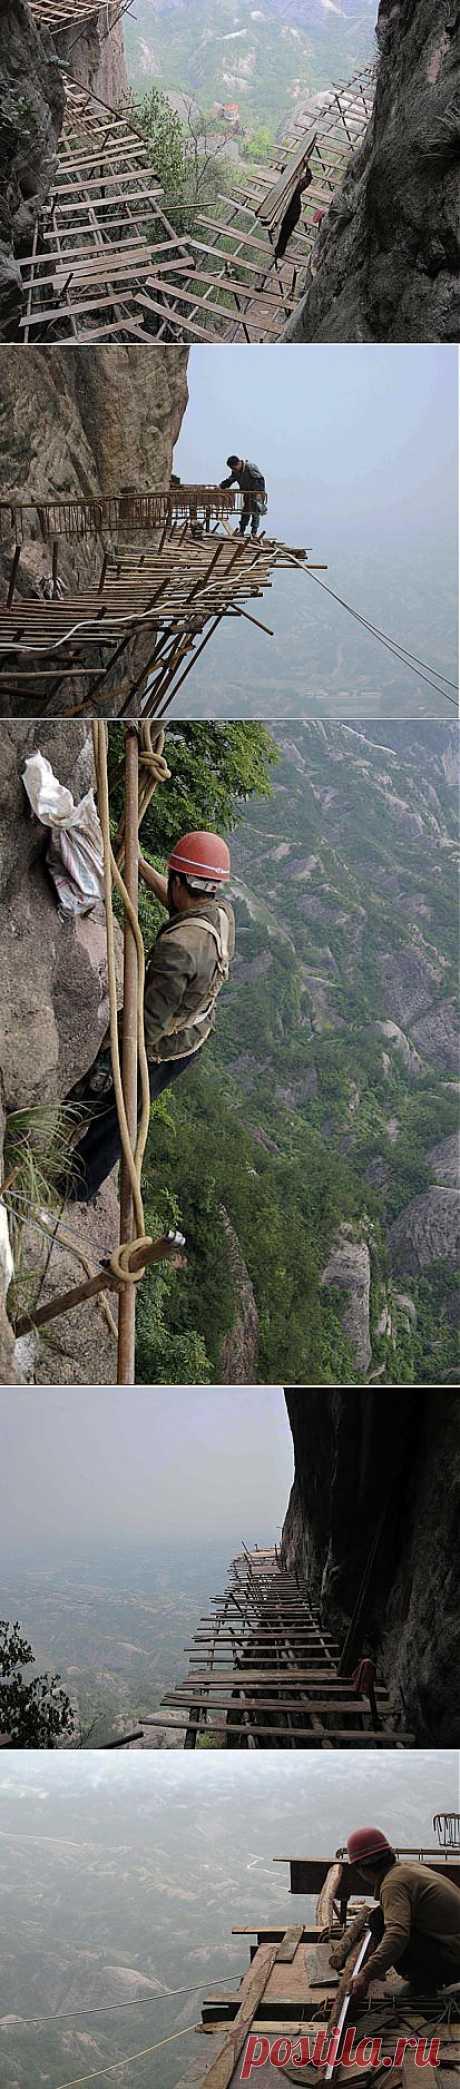 Дорога вокруг горы Шифу в Китае | Наука и техника